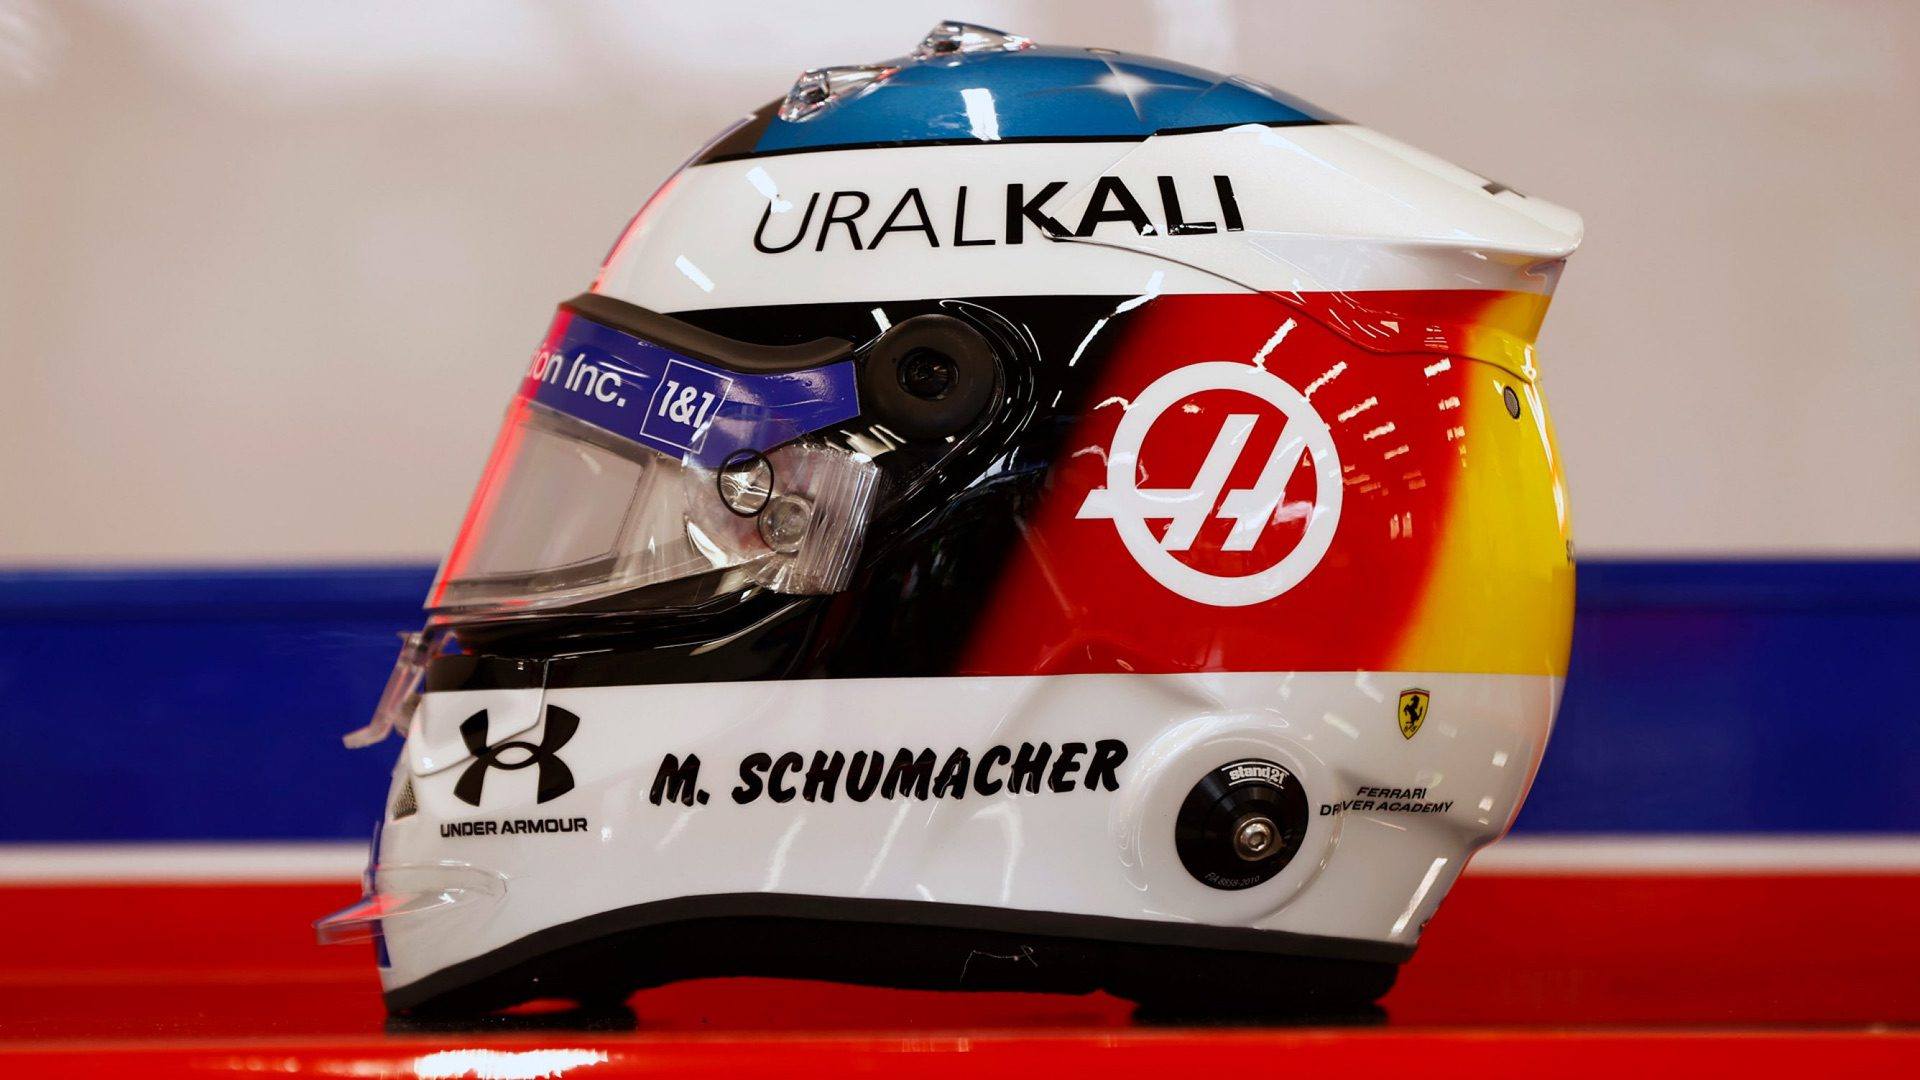 Mick_Schumacher_helmet-0000